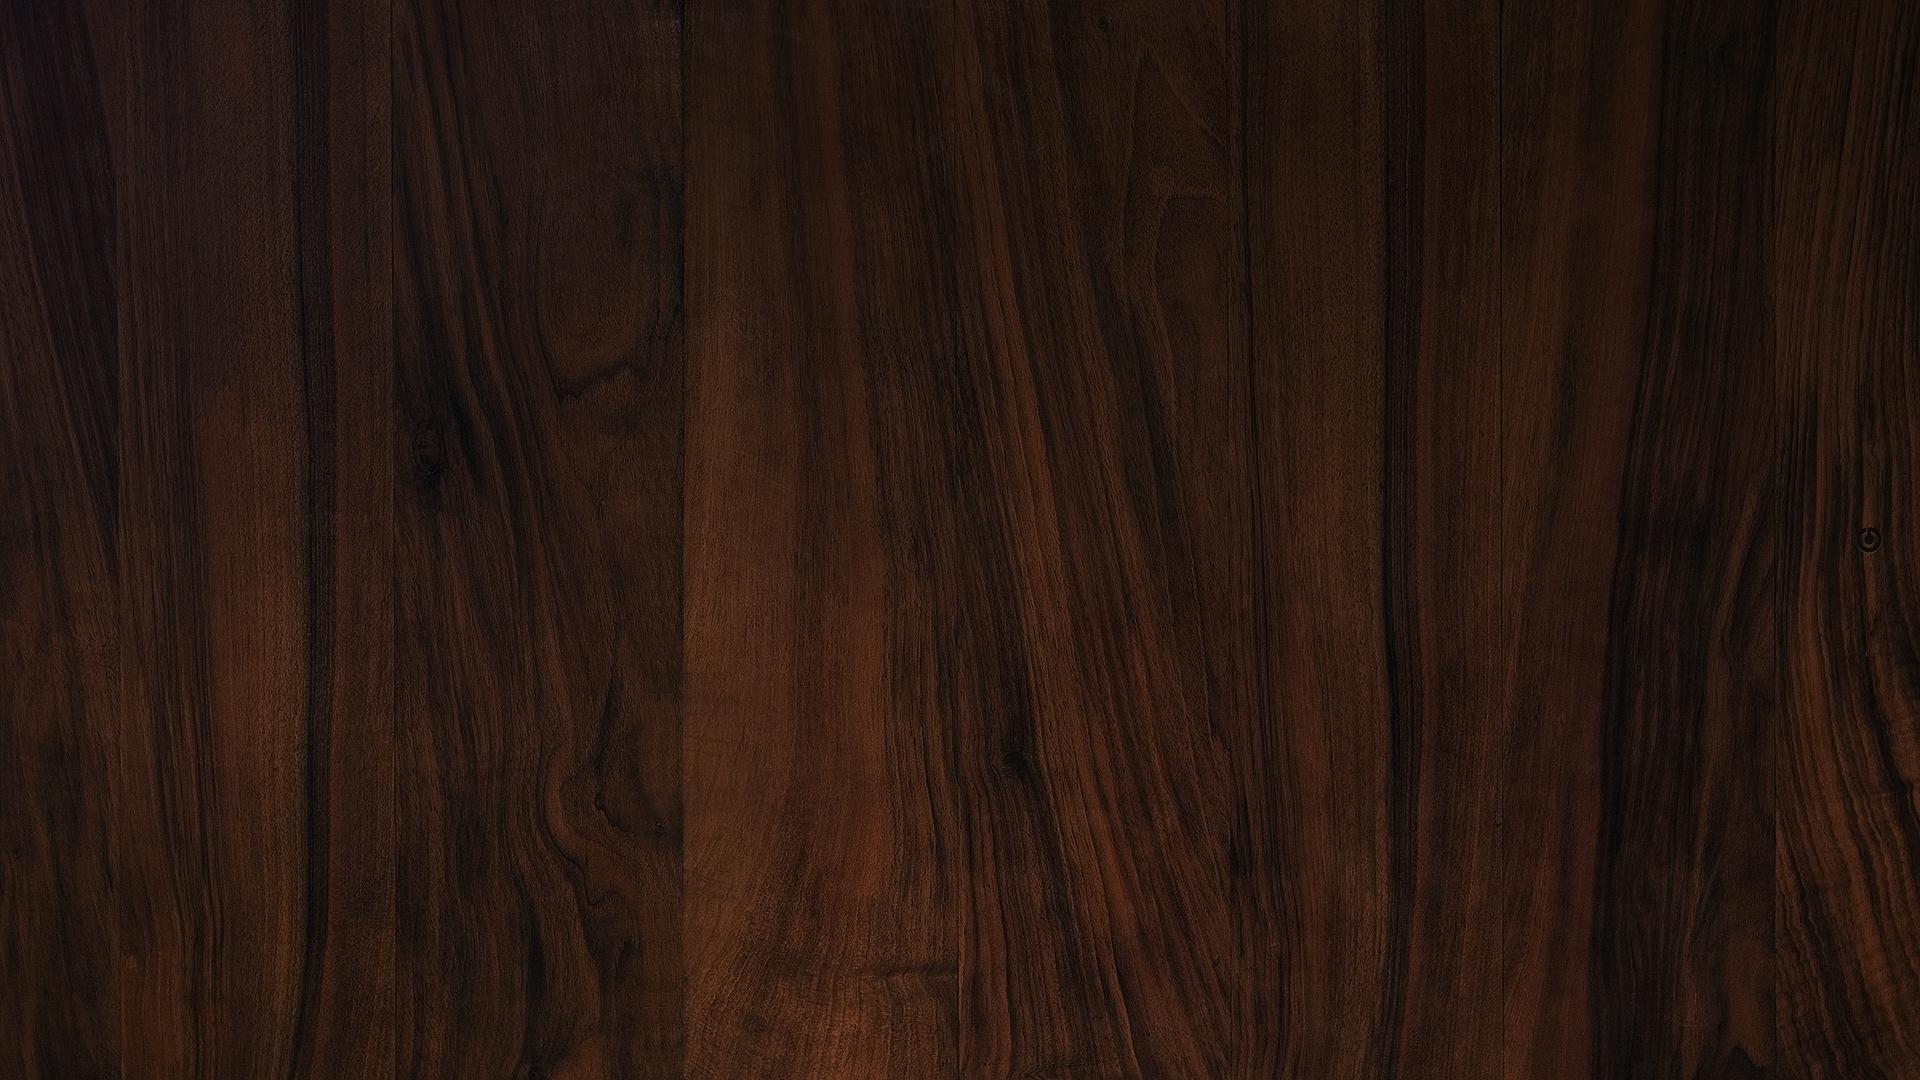 Free rustic wallpaper wallpapersafari - Hd Wood Wallpapers Wallpapersafari